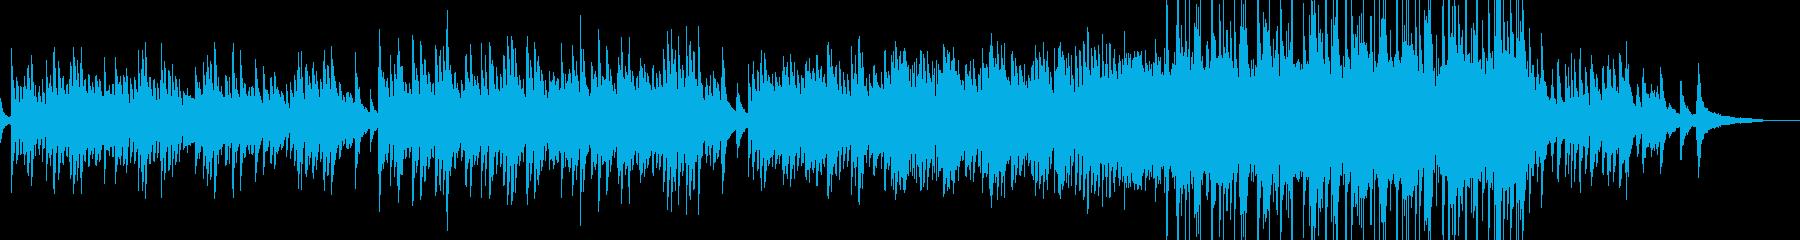 まどろみに包まれる癒しのピアノ 打楽器有の再生済みの波形